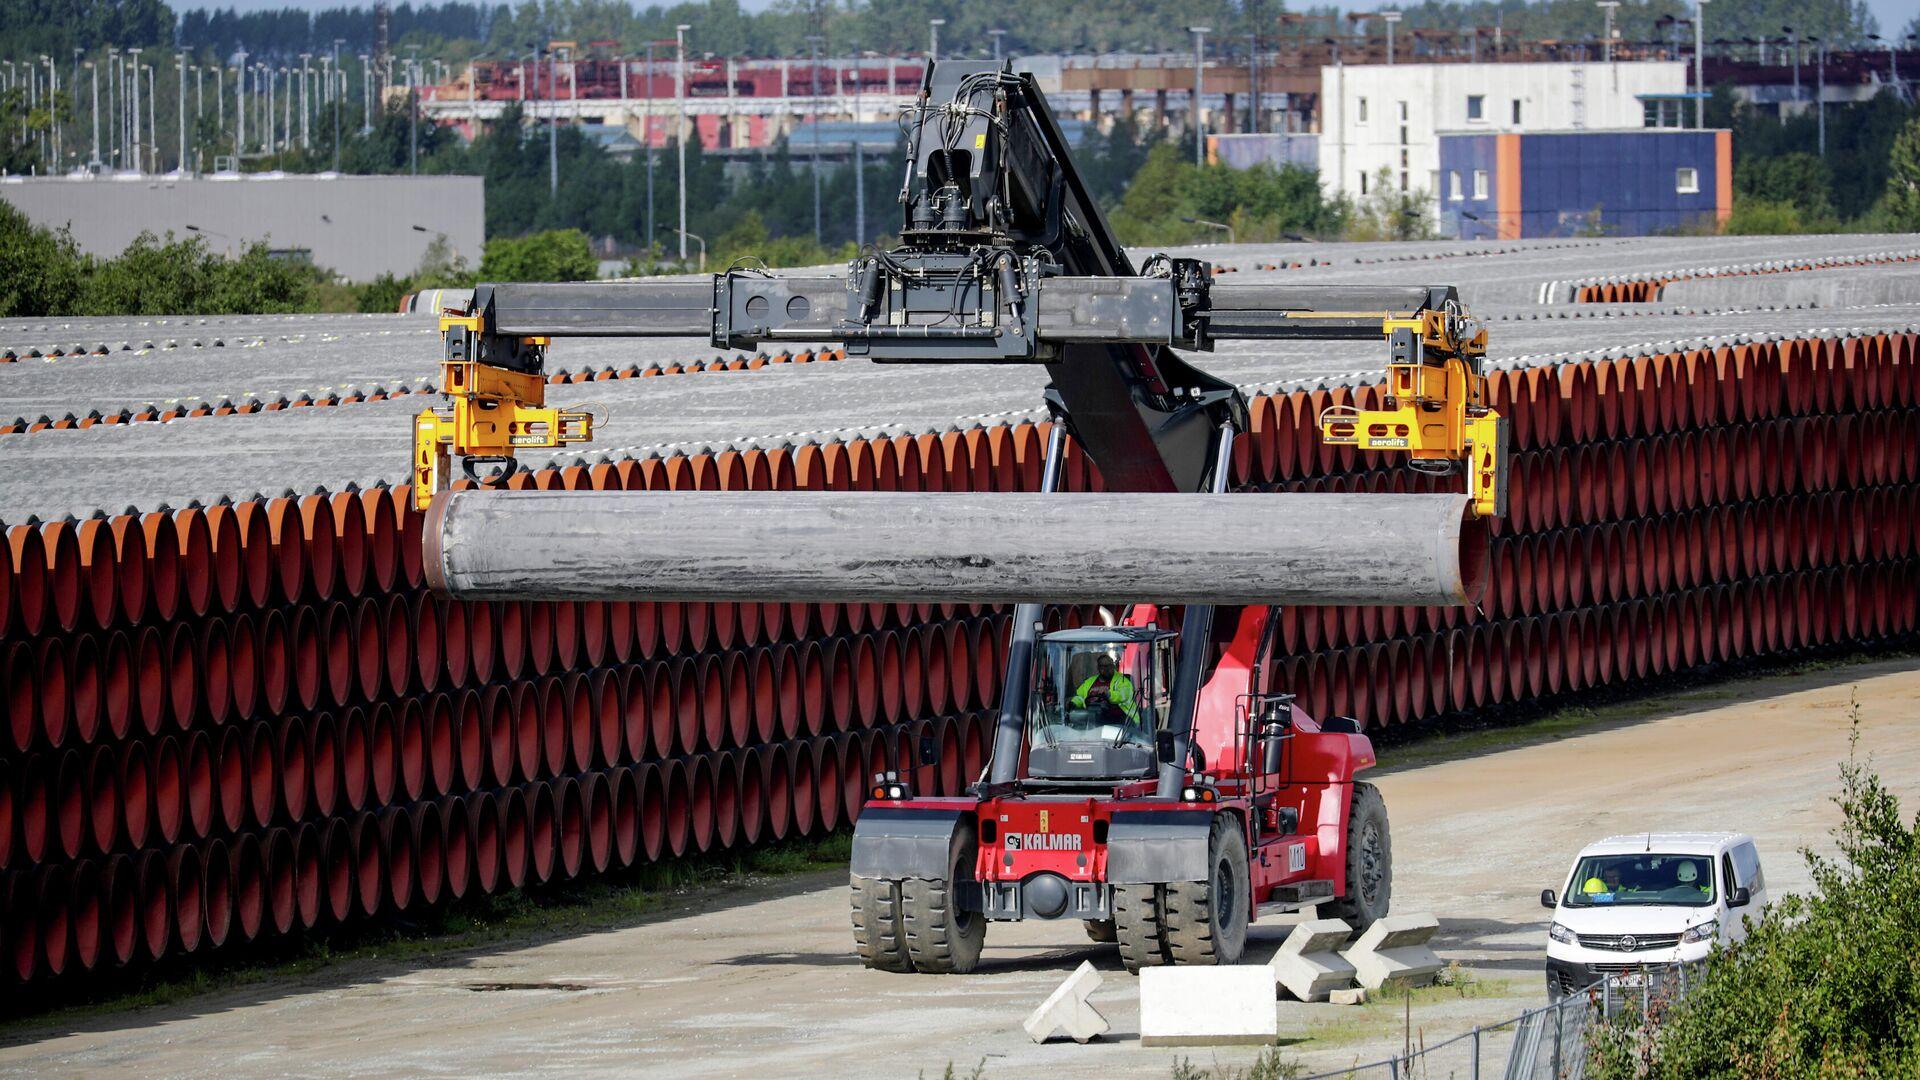 Трубы для строительства газопровода Nord Stream 2 на площадке в порту Мукран, Германия - РИА Новости, 1920, 19.09.2020